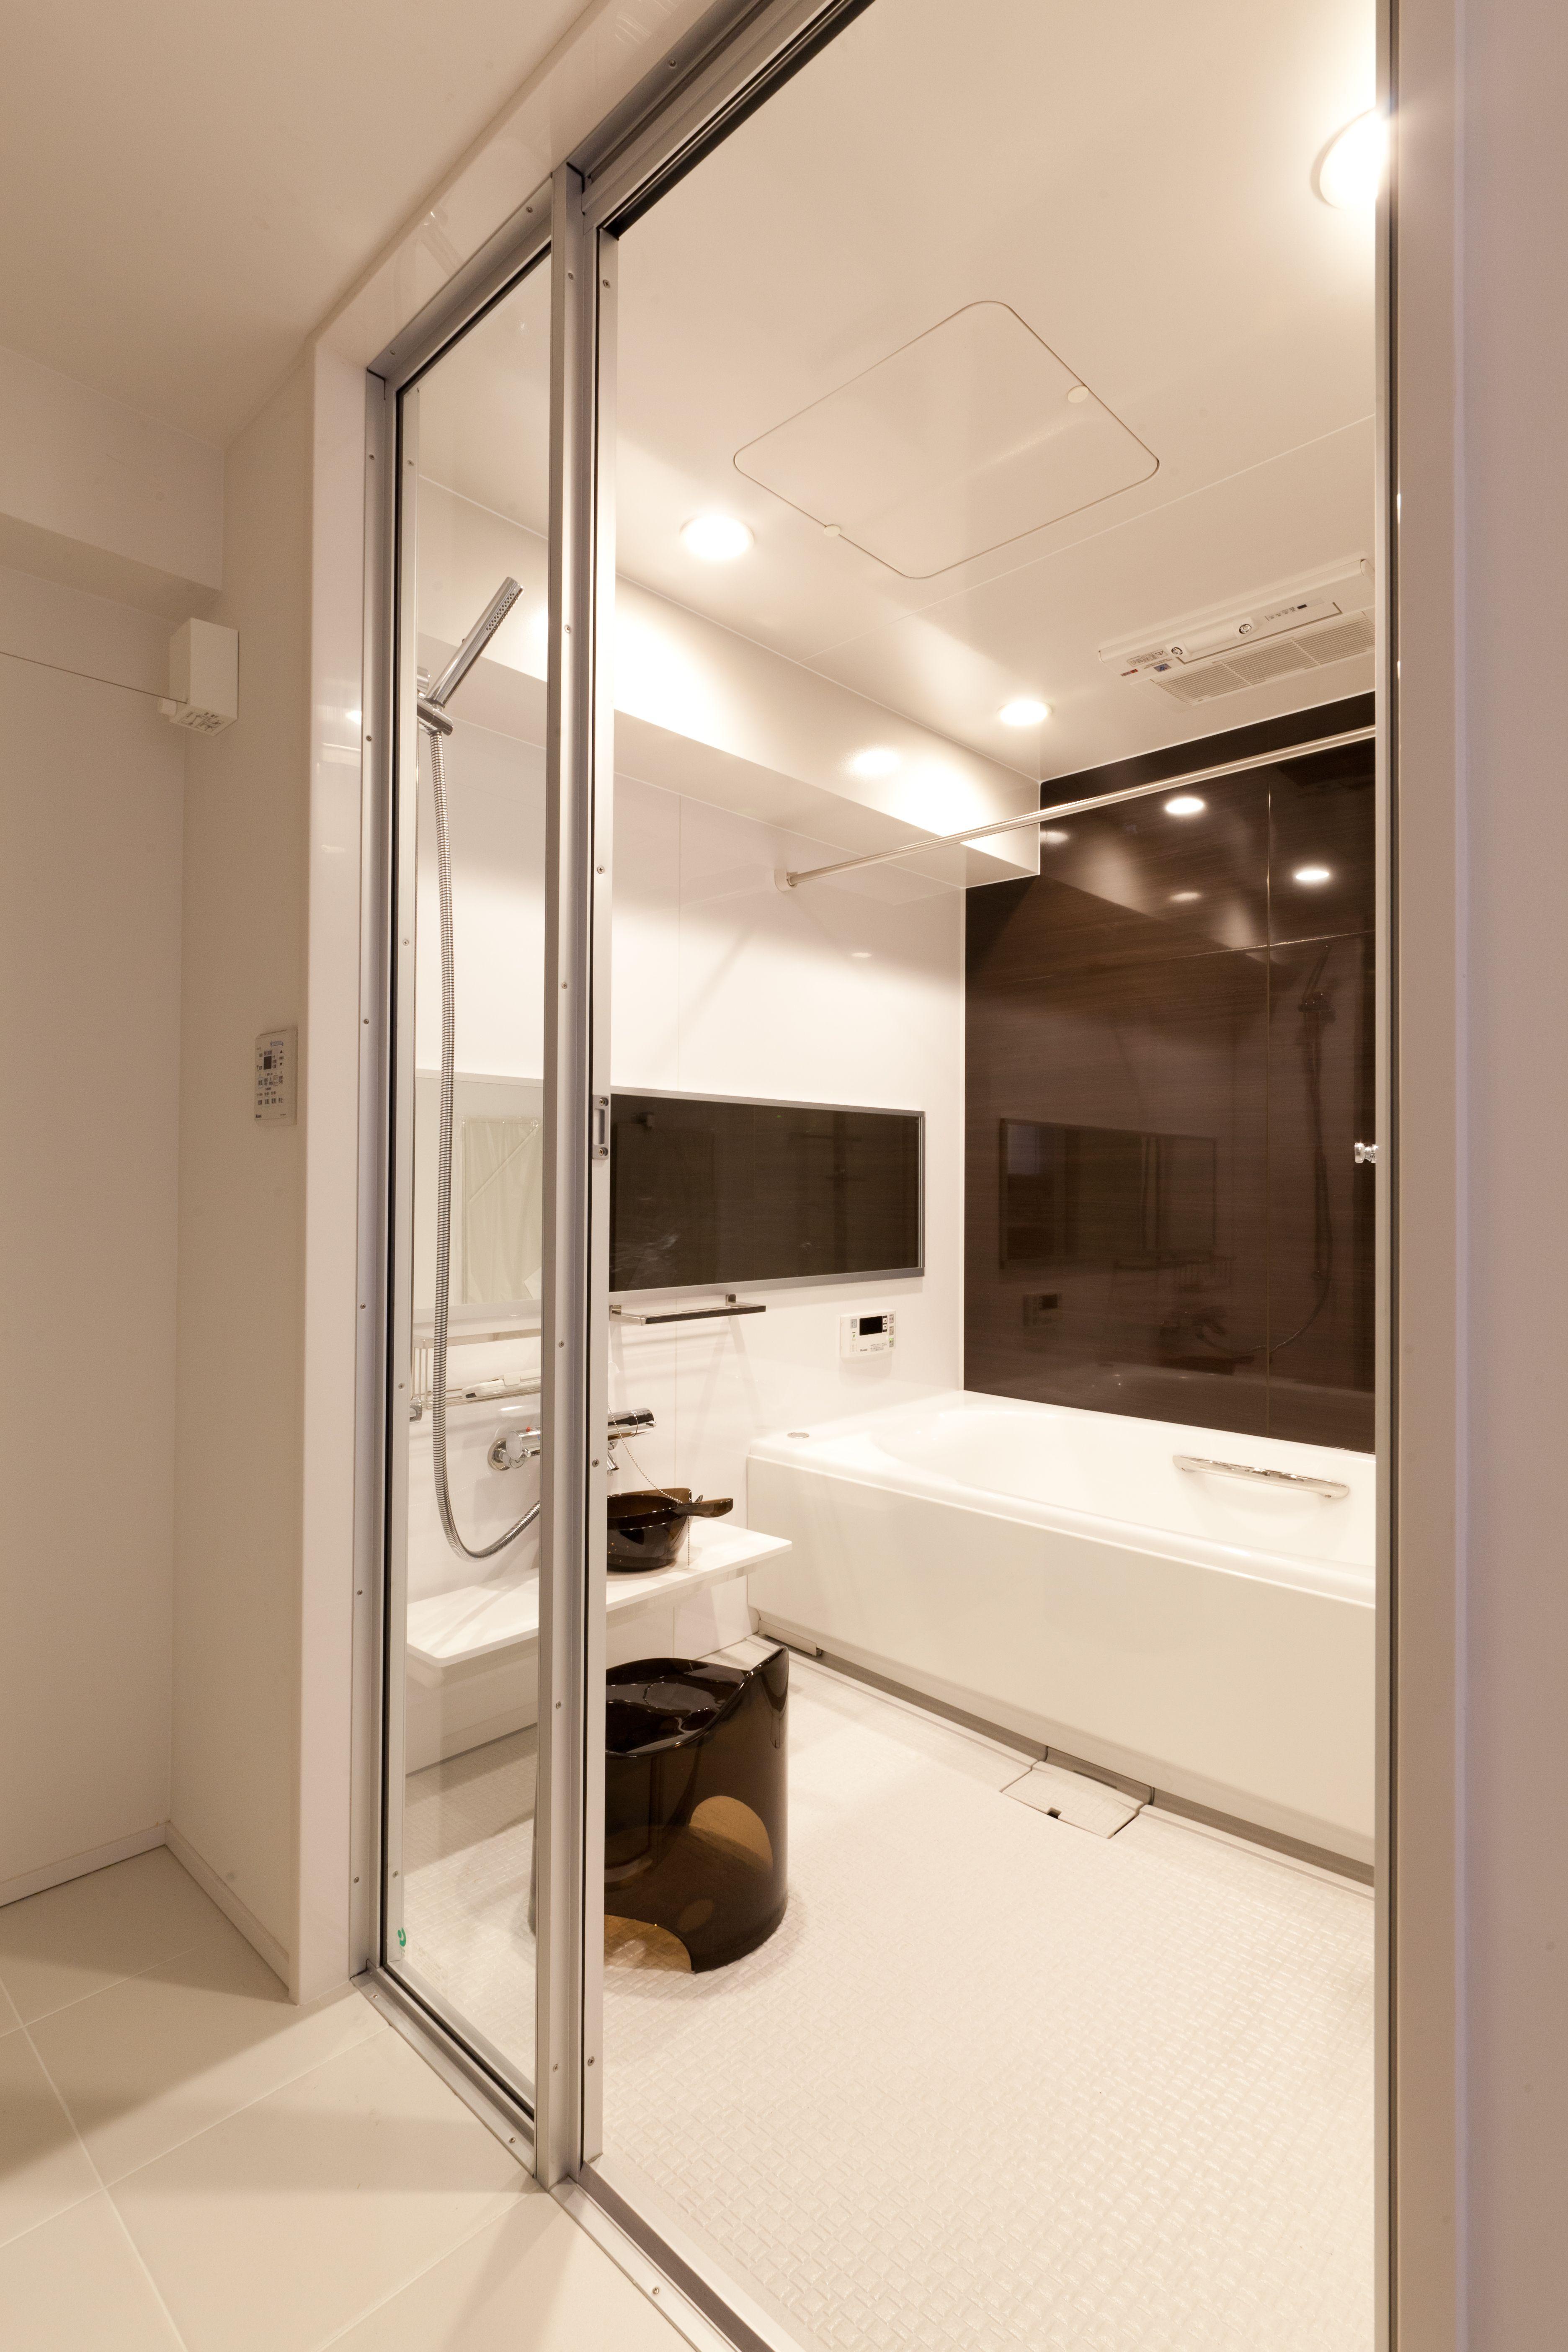 ガラスを多用して高級感のあるユニットバス ユニットバス マンションリノベーション リノベーション 中古リノベ リノベ リフォーム お風呂 浴室 ガラス張り インテリア シンプル Ub Bathroom Mansionrenovation 家 リフォーム リノベーション